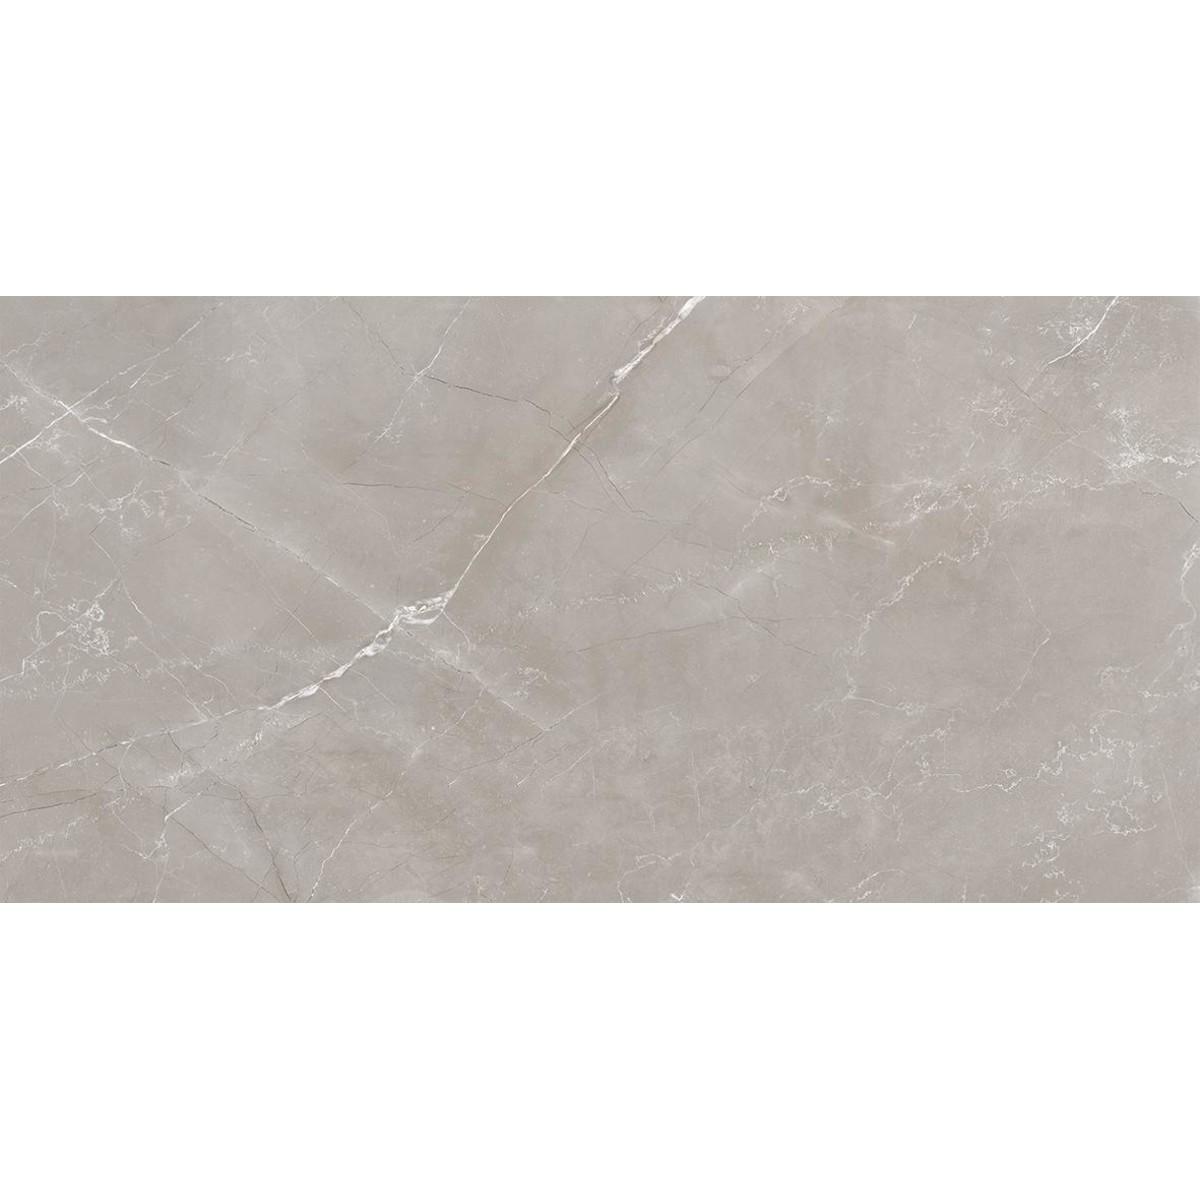 Керамогранит Vitrium Grigio 120x60 см 1.44 м² цвет серый